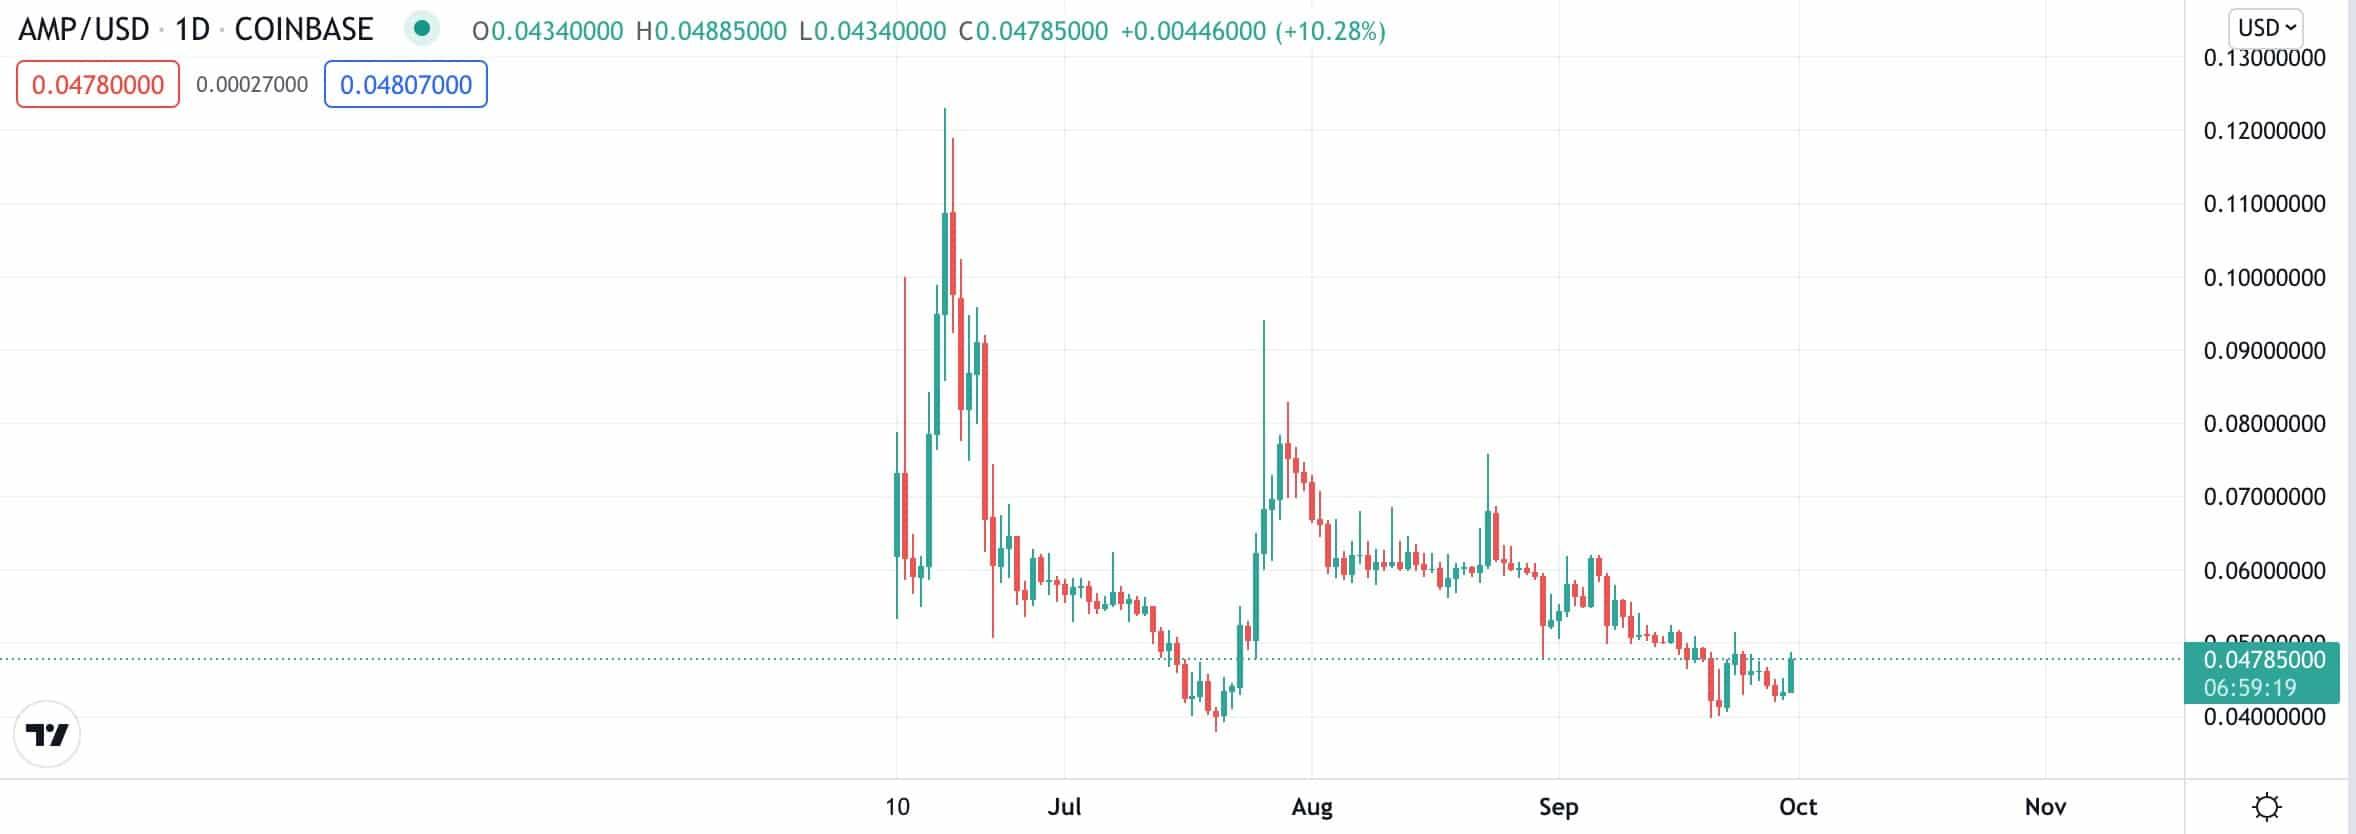 AMP price chart